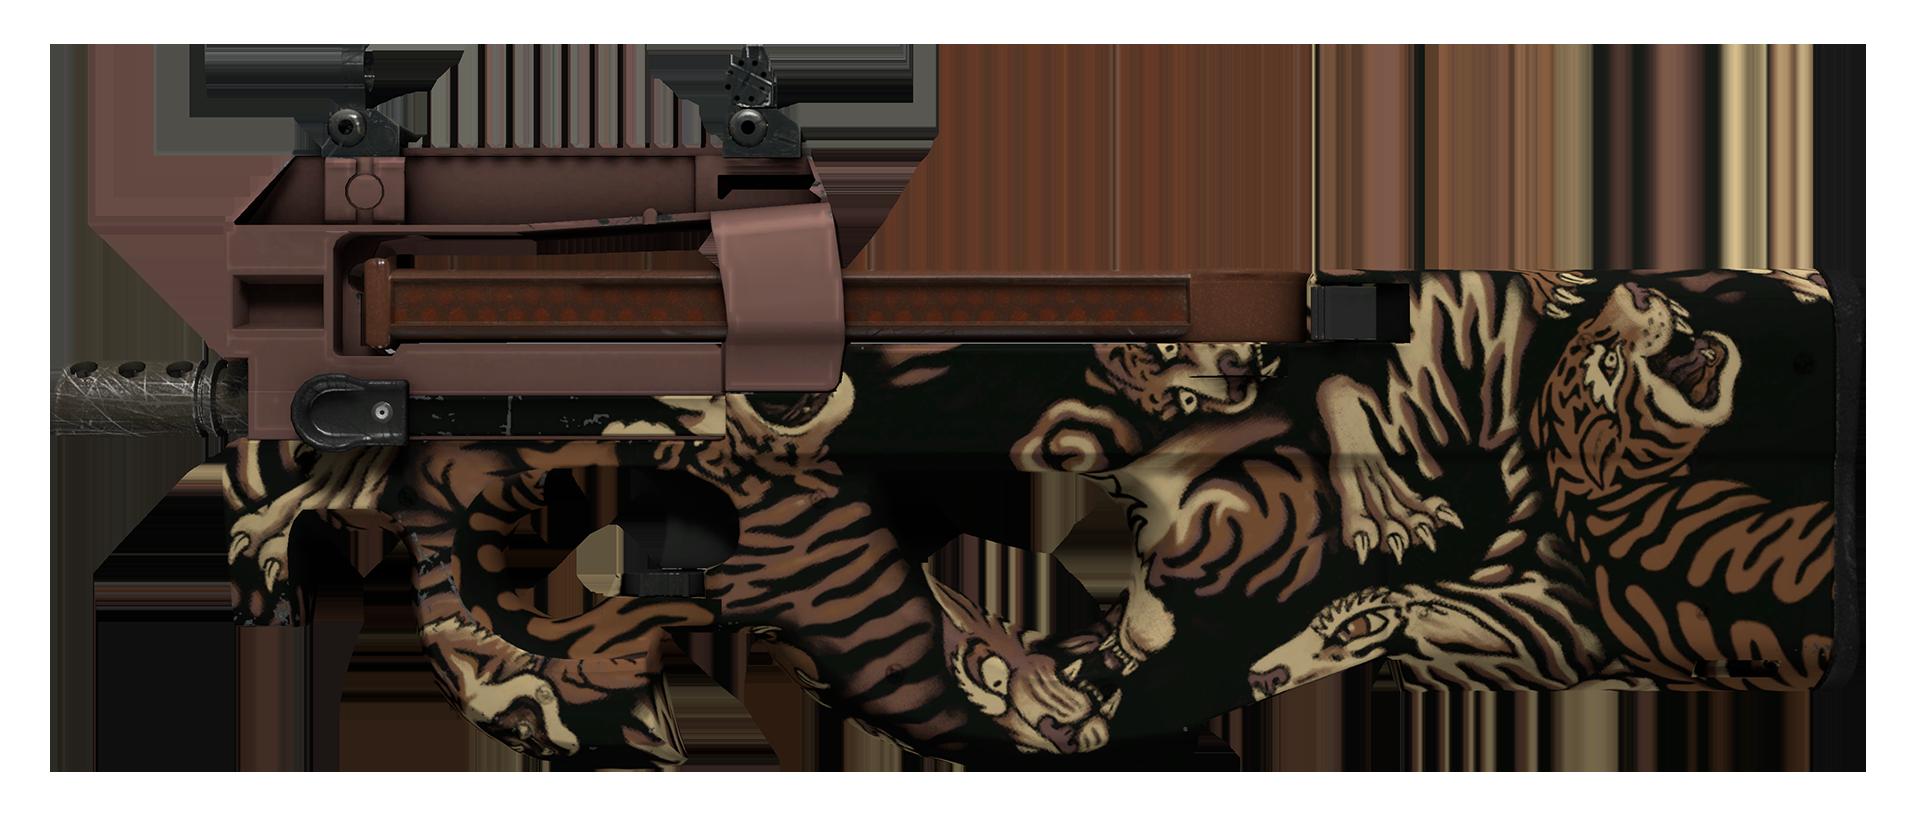 P90 Tiger Pit Large Rendering